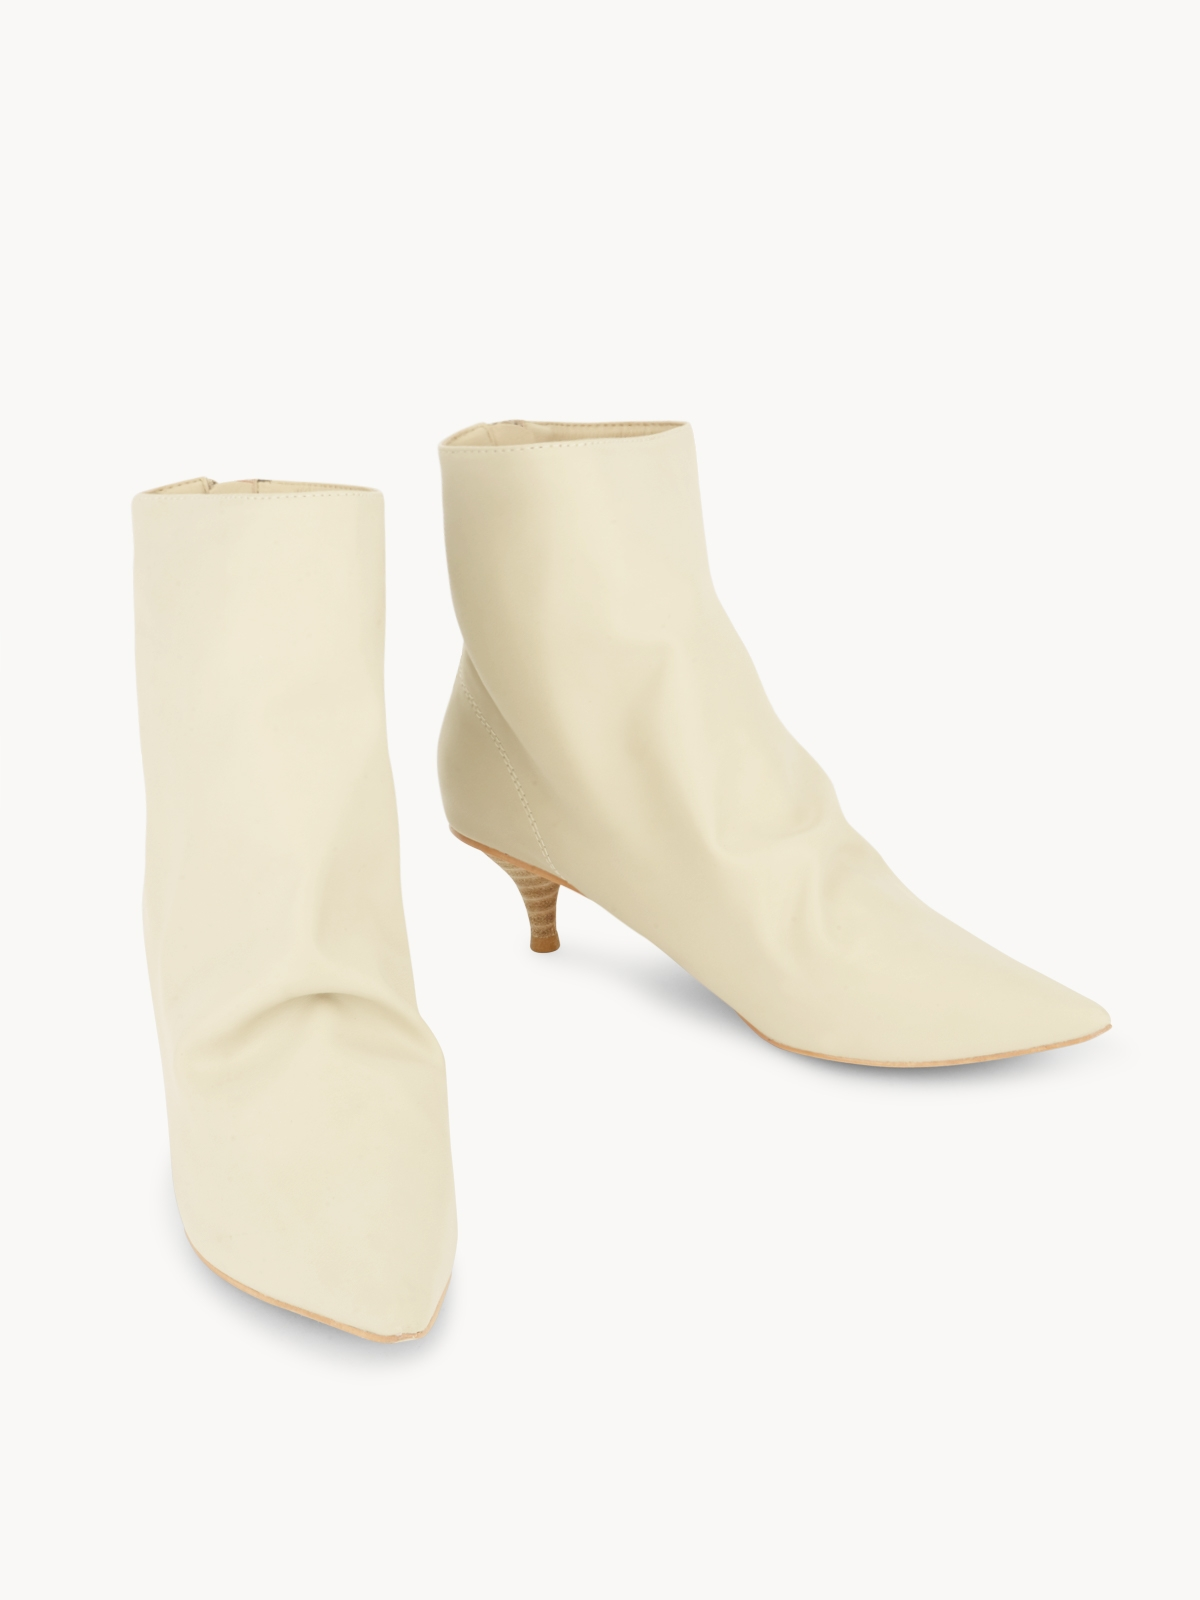 Starkela Western Knee High Boots Beige